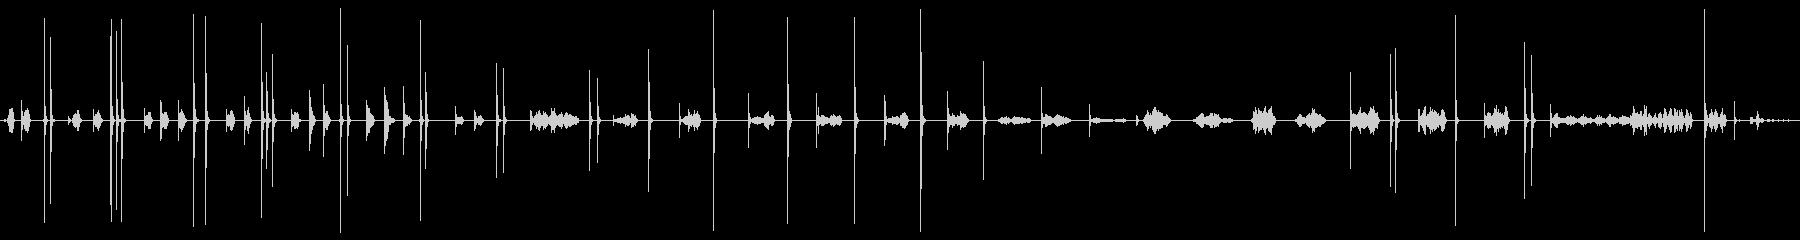 中華鍋とおたまが奏でるサウンドの未再生の波形